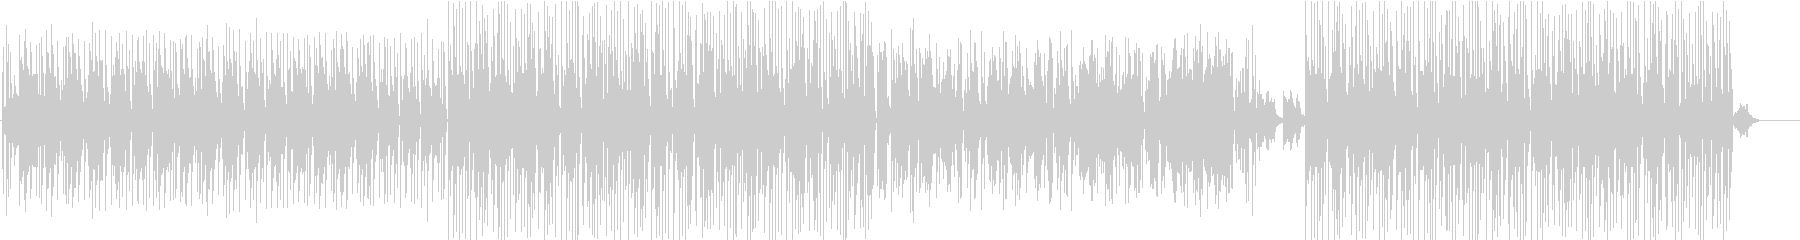 無機質でインダストリアルなアンビエンス曲の未再生の波形